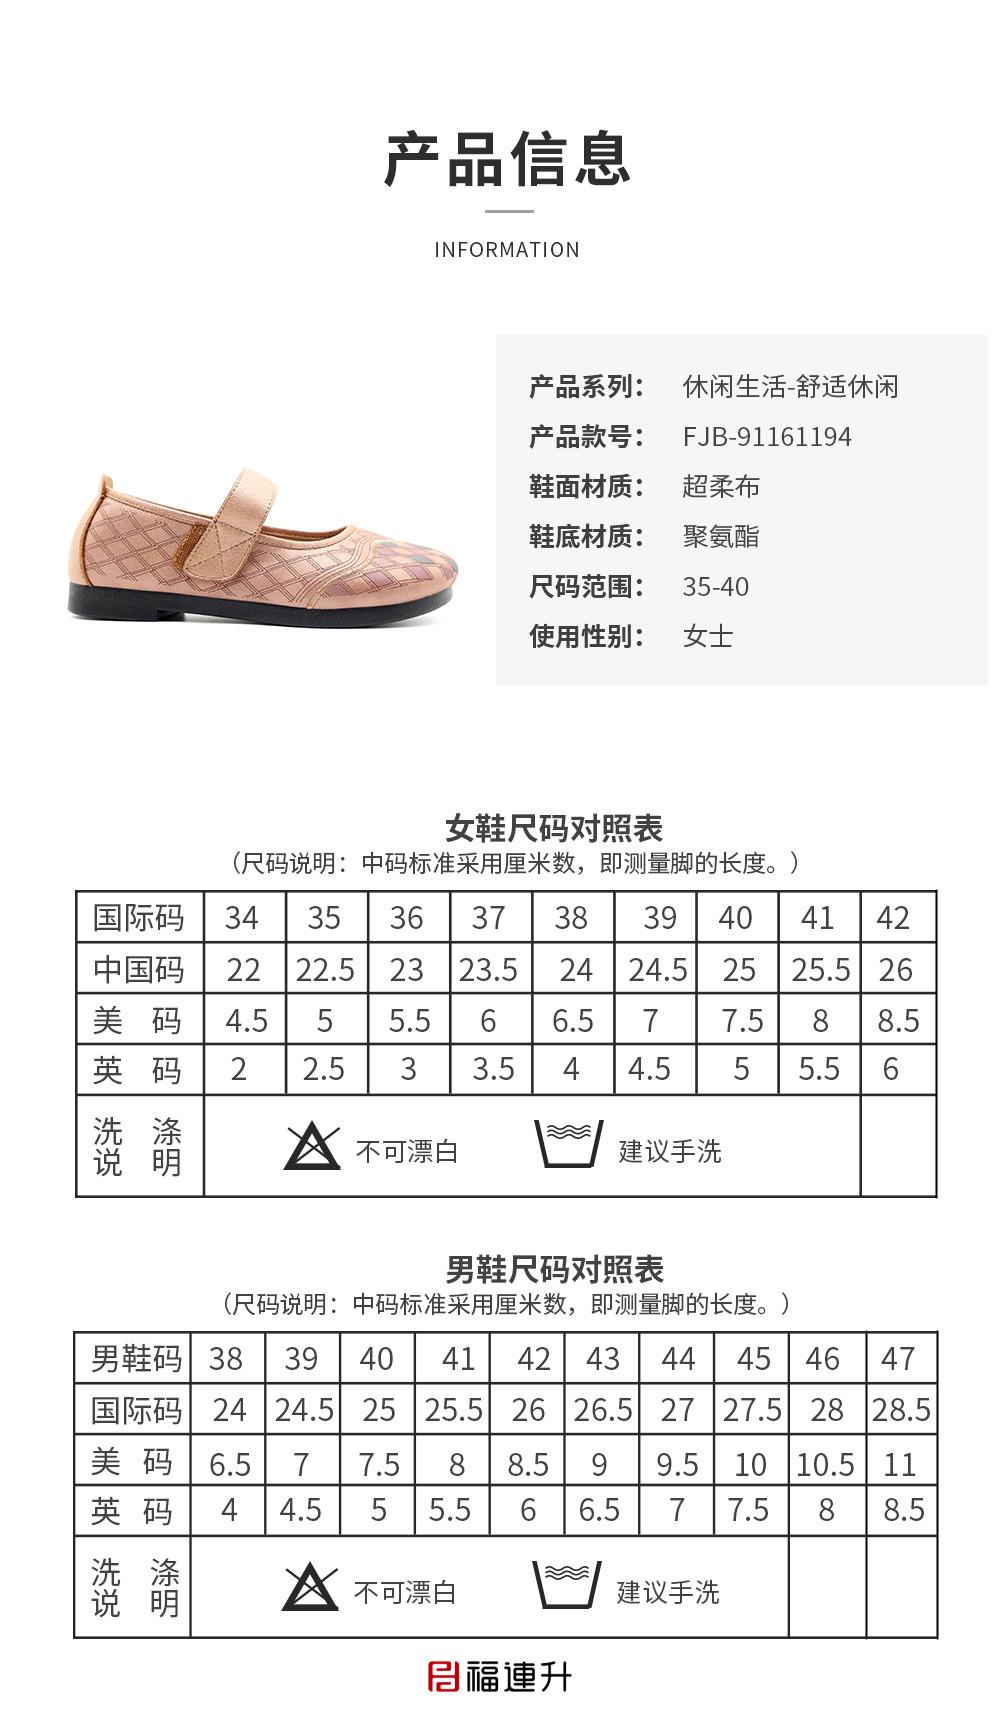 福连升老北京布鞋中老年妈妈鞋一字带低帮软底女鞋图片